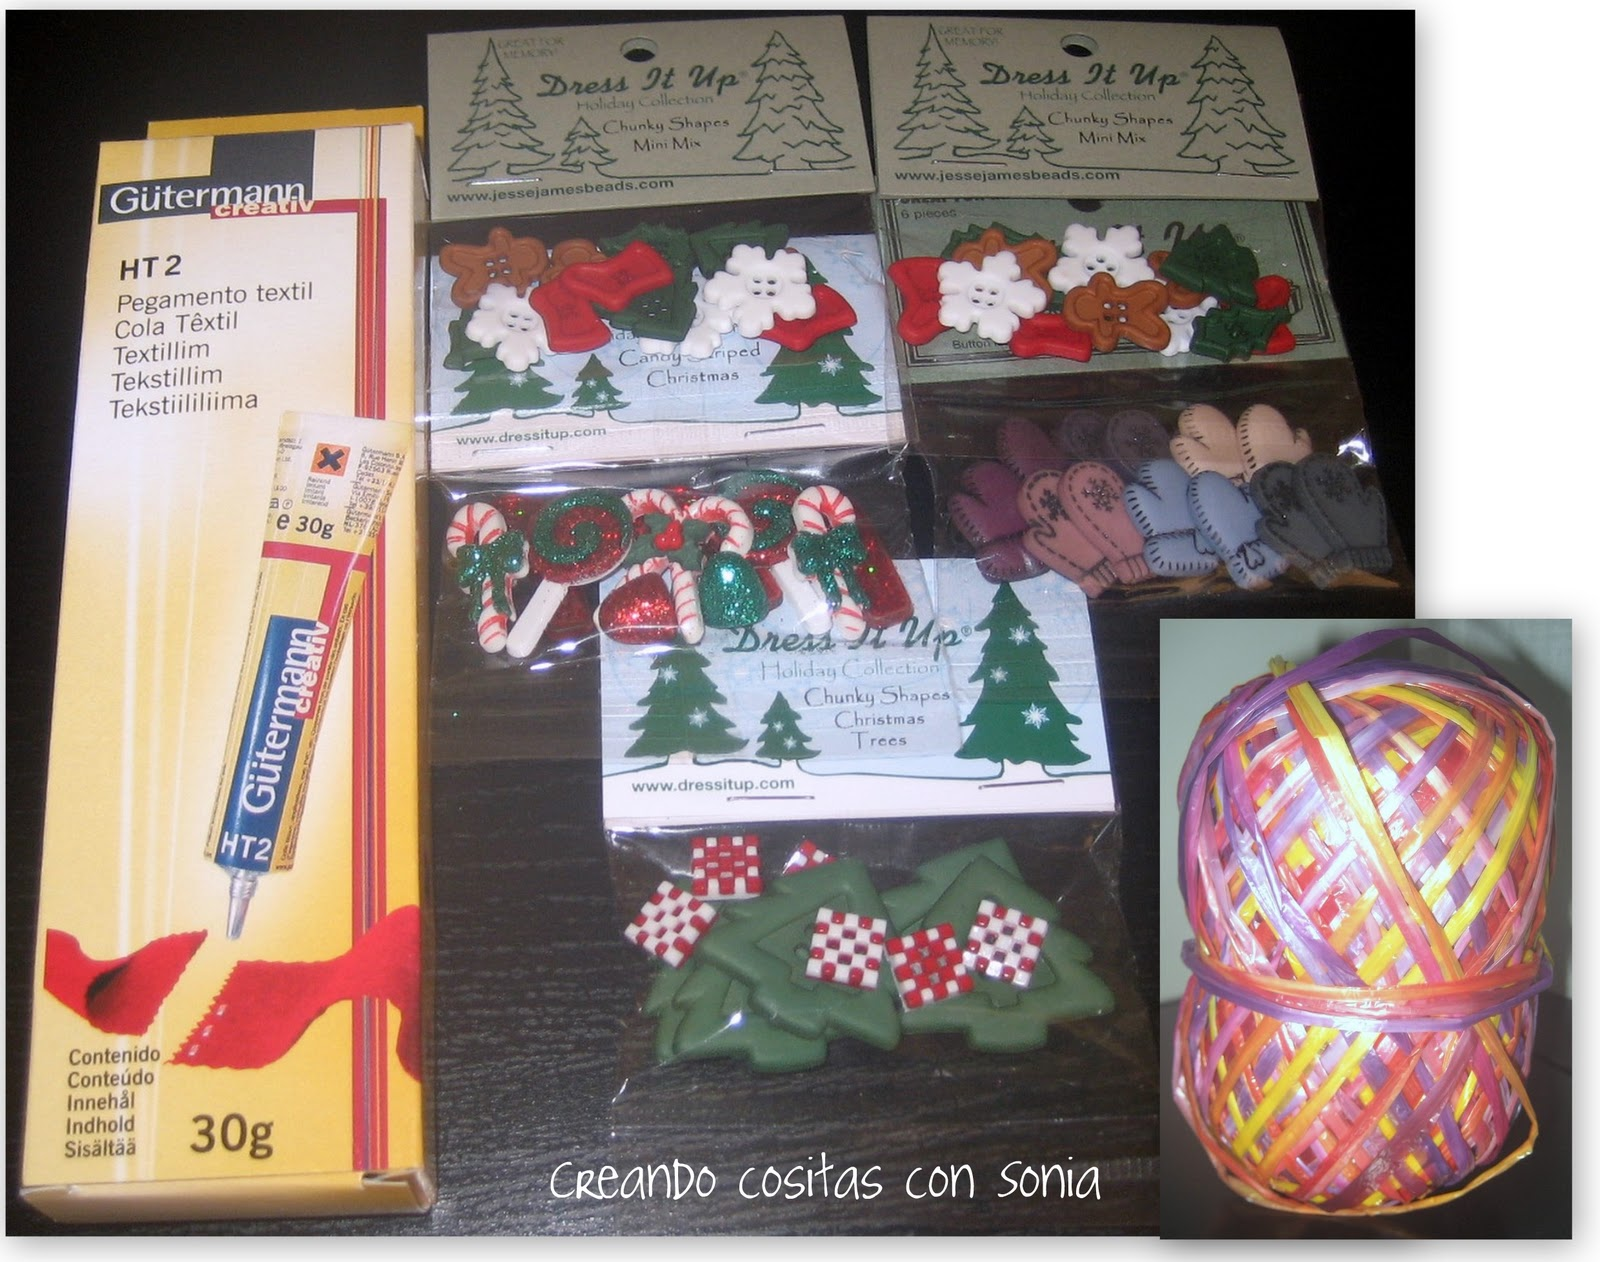 Creando cositas con sonia adornos de navidad bolas de - Bolas de navidad de fieltro ...